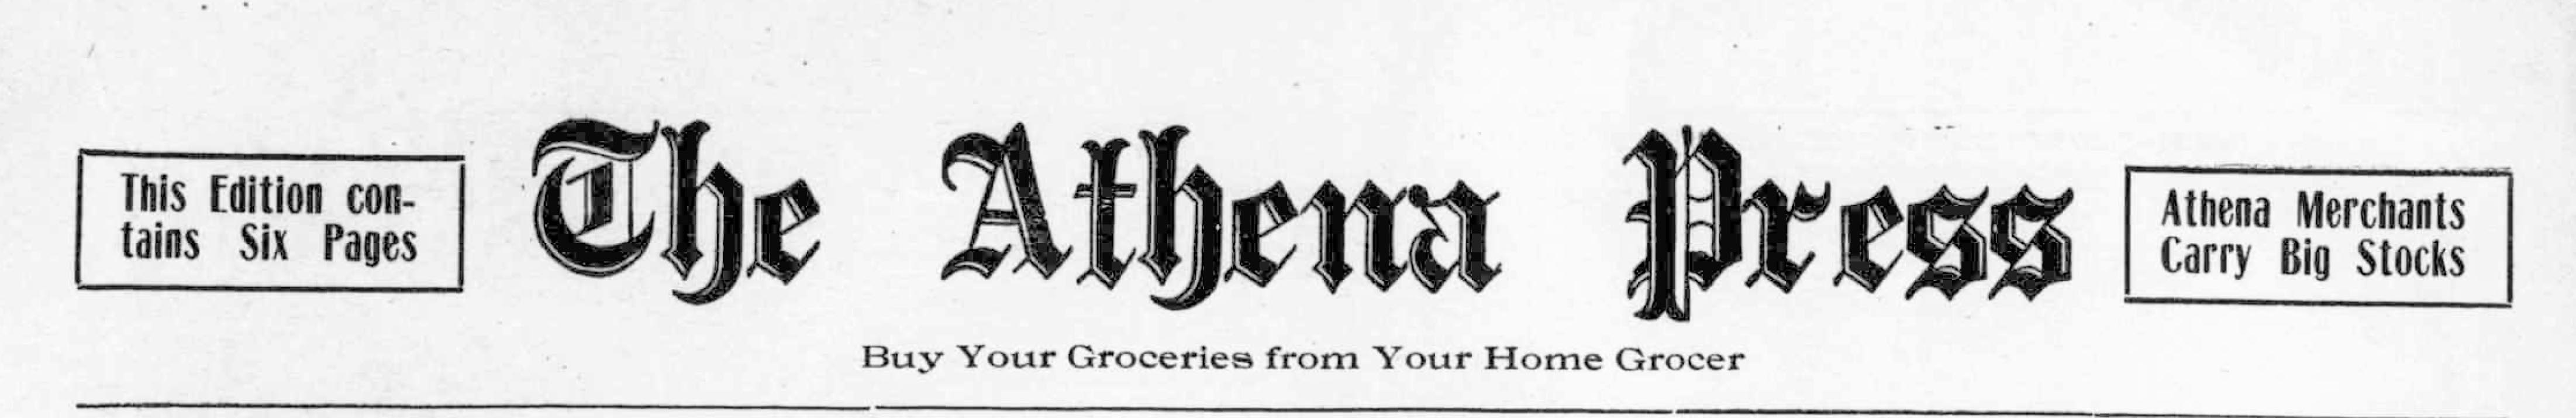 The Athena press. (Athena, Umatilla County, Or.) August 14, 1908, Image 71. http://oregonnews.uoregon.edu/lccn/sn96088356/1908-08-14/ed-1/seq-1/